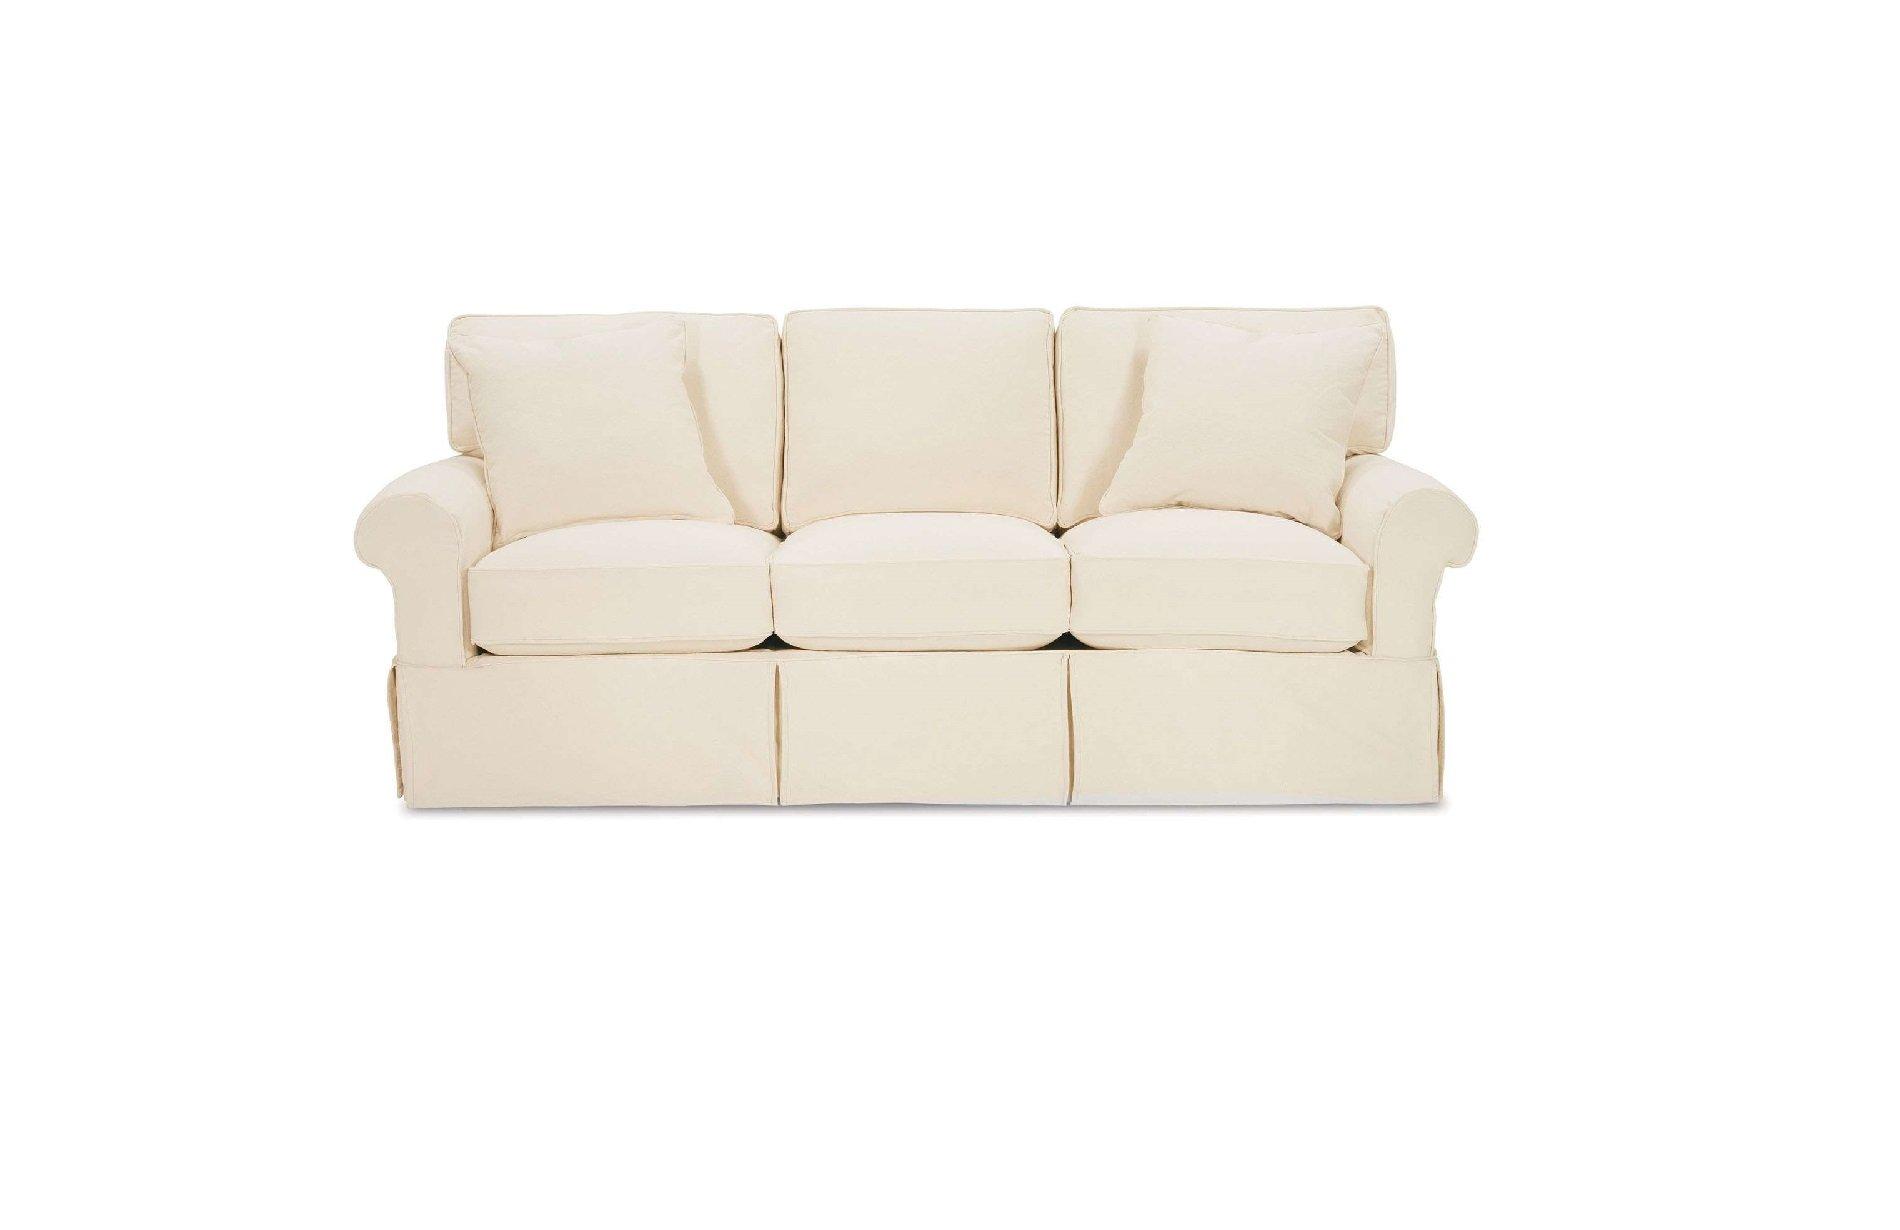 Rowe Nantucket 3 cushion sleeper sofa